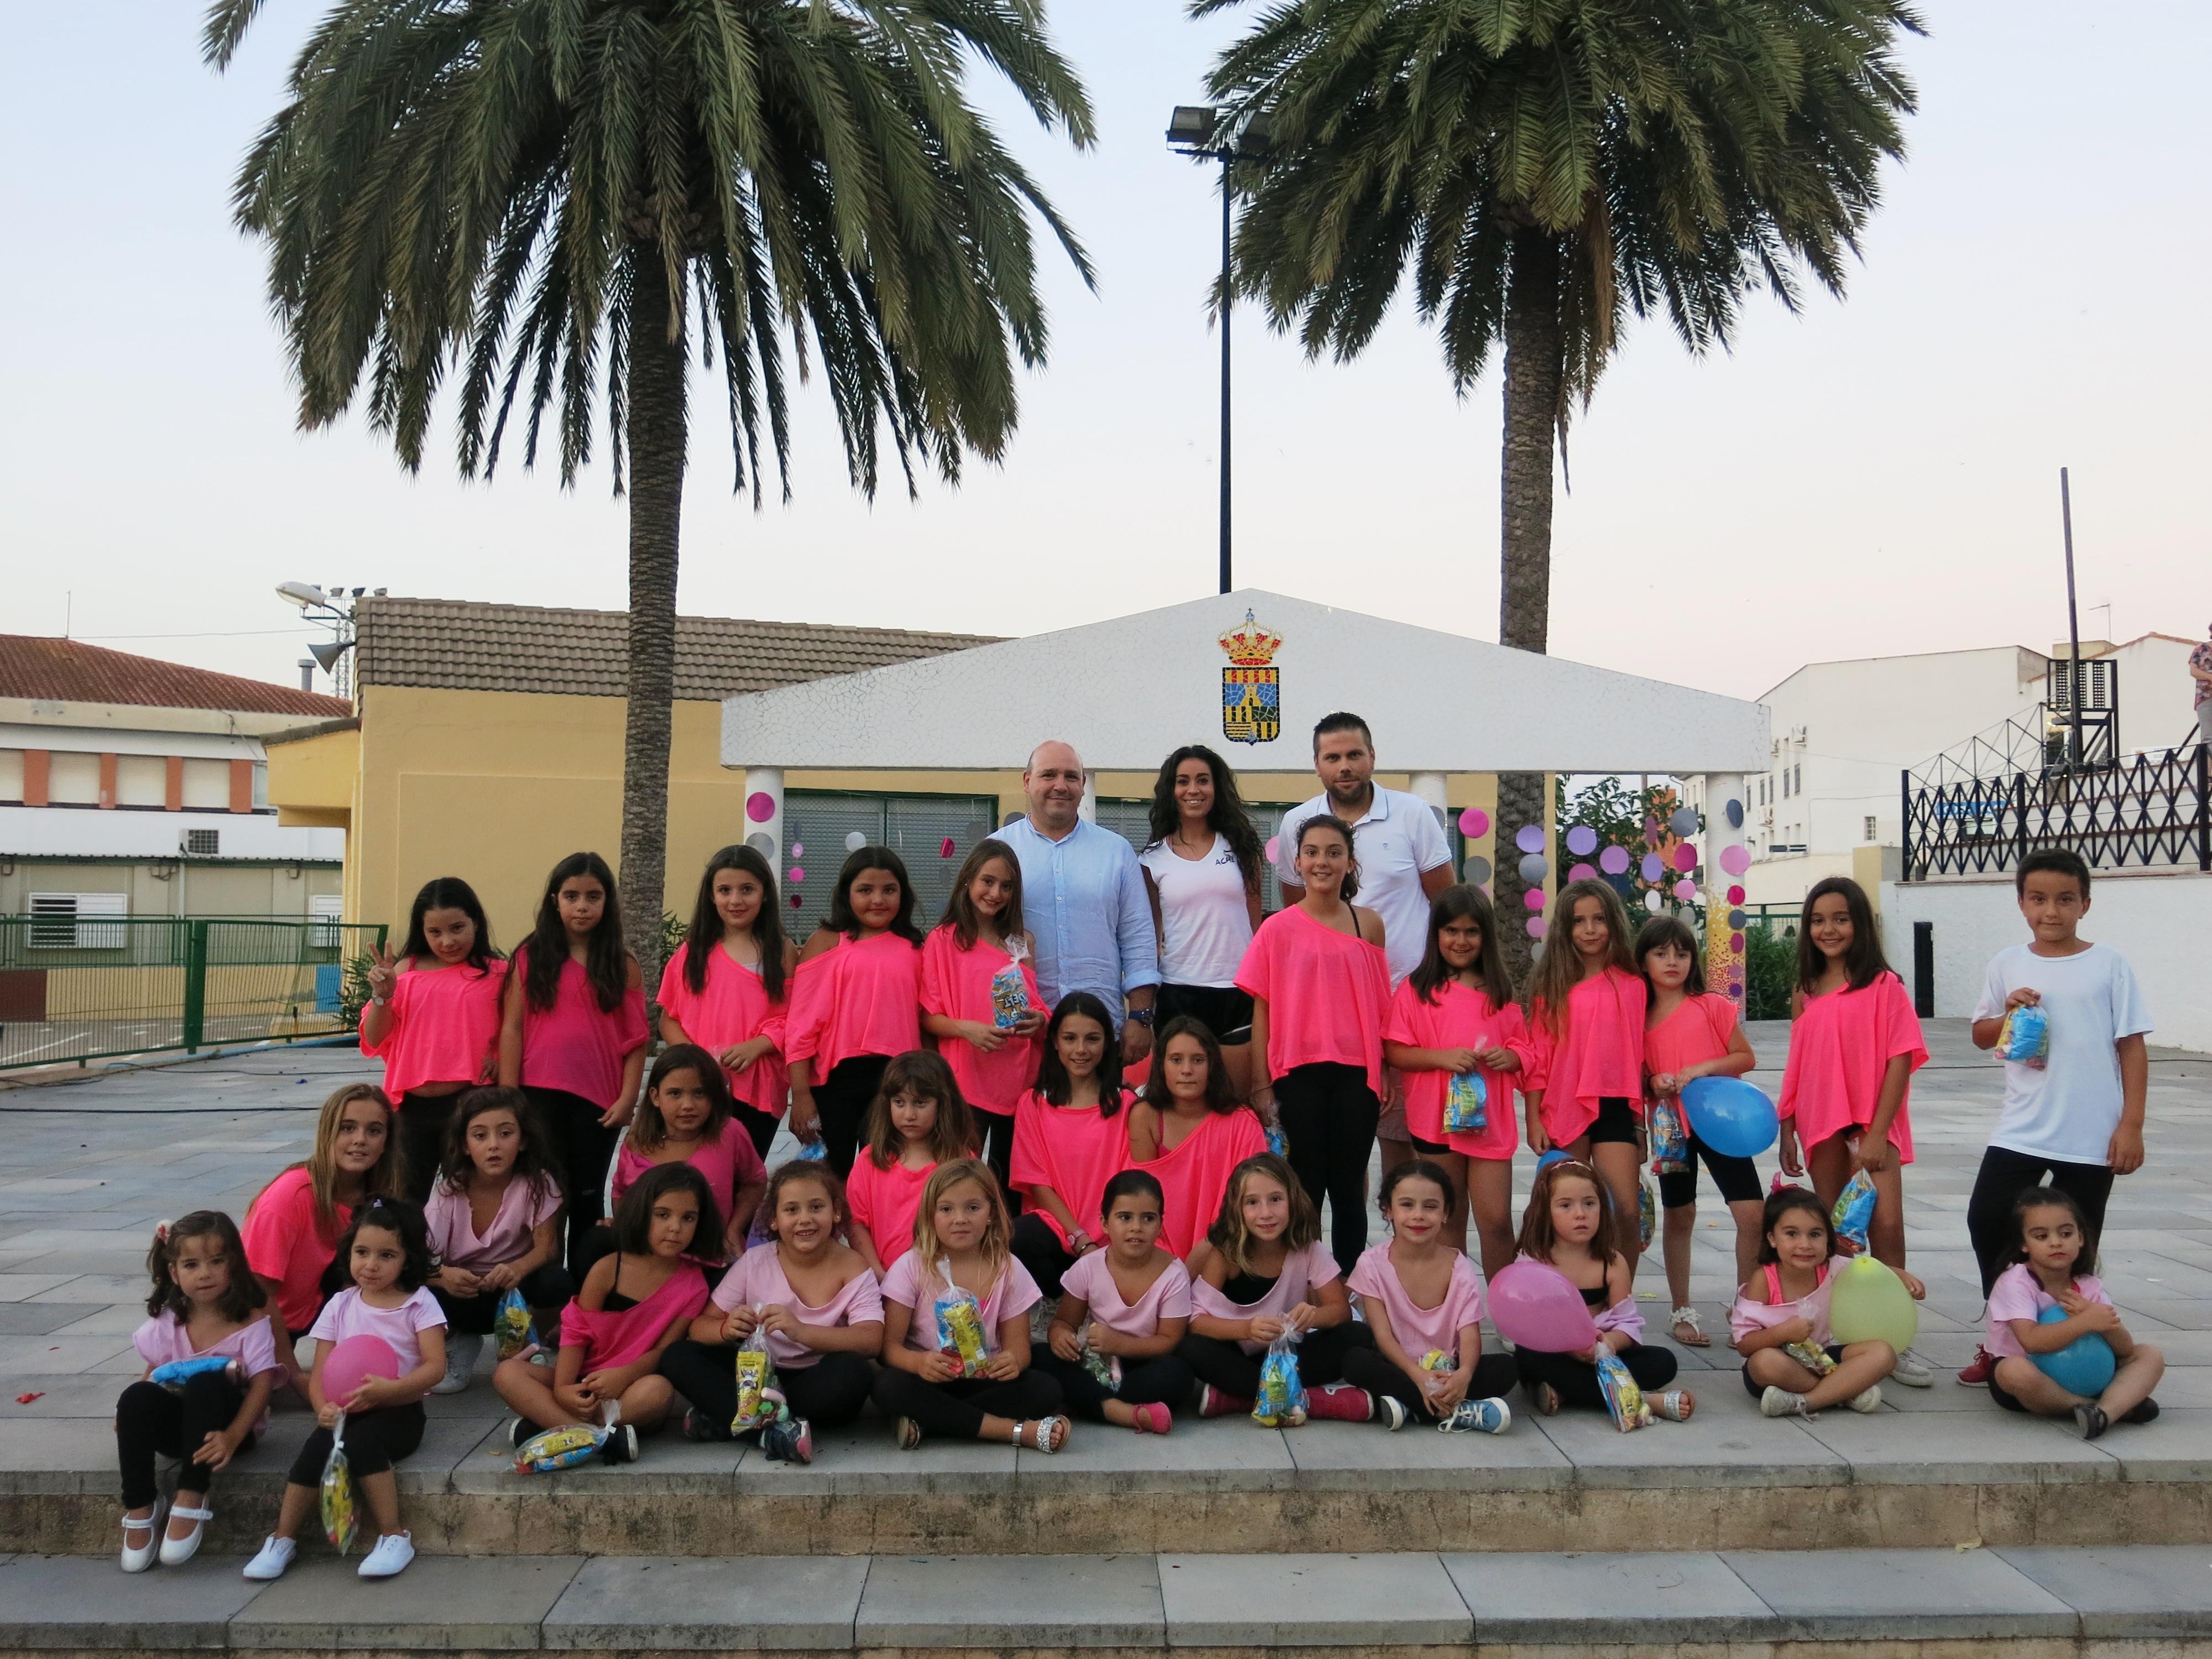 En finalitzar, l'alcalde, Eugenio Fortaña, i el Regidor d'Esports, Ivan Picó, van lliurar un xicotet detall als participants.